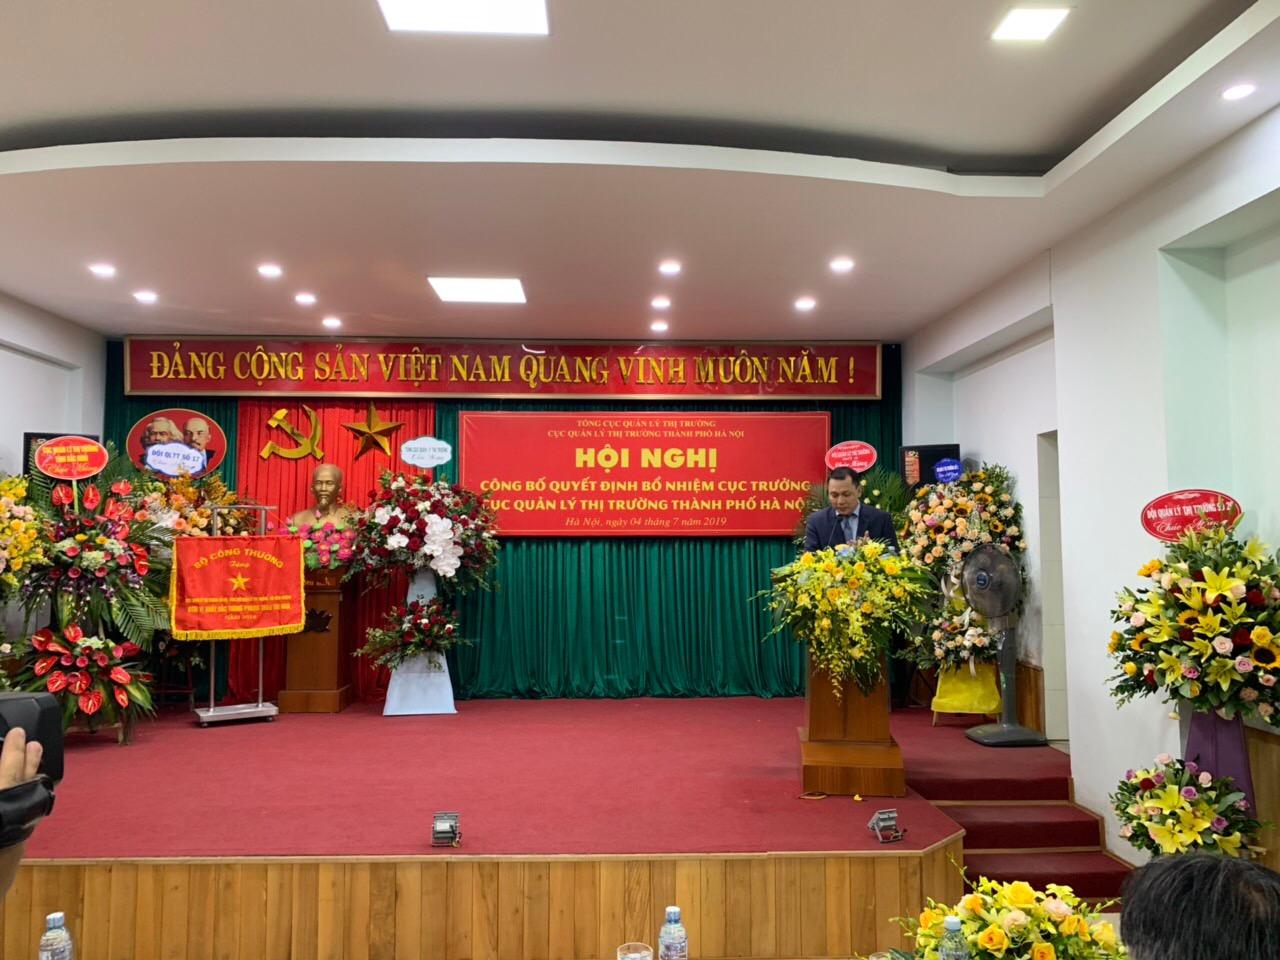 Hà Nội: Tổ chức Hội nghị công bố Quyết định bổ nhiệm Cục trưởng Cục Quản lý thị trường thành phố Hà Nội